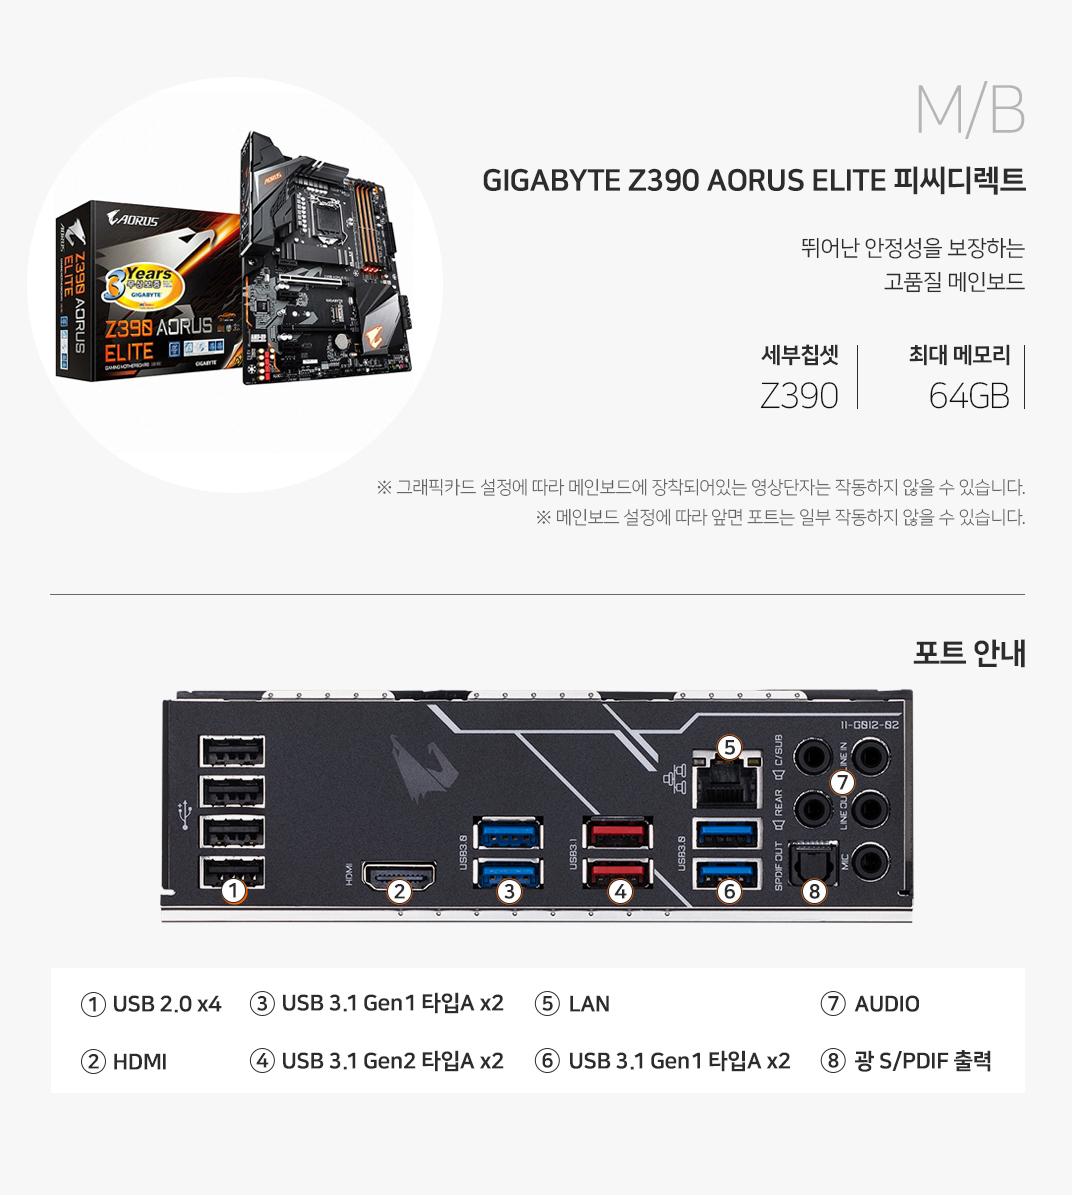 M/B GIGABYTE Z390 AORUS ELITE 피씨디렉트 뛰어난 안정성을 보장하는 고품질 메인보드 세부칩셋 Z390 최대메모리 64GB 그래픽 설정에 따라 메인보드에 장착되어 있는 영상단자는 작동하지 않을 수 있습니다. 메인보드 설정에 따라 앞면 포트는 일부 작동하지 않을 수 있습니다.